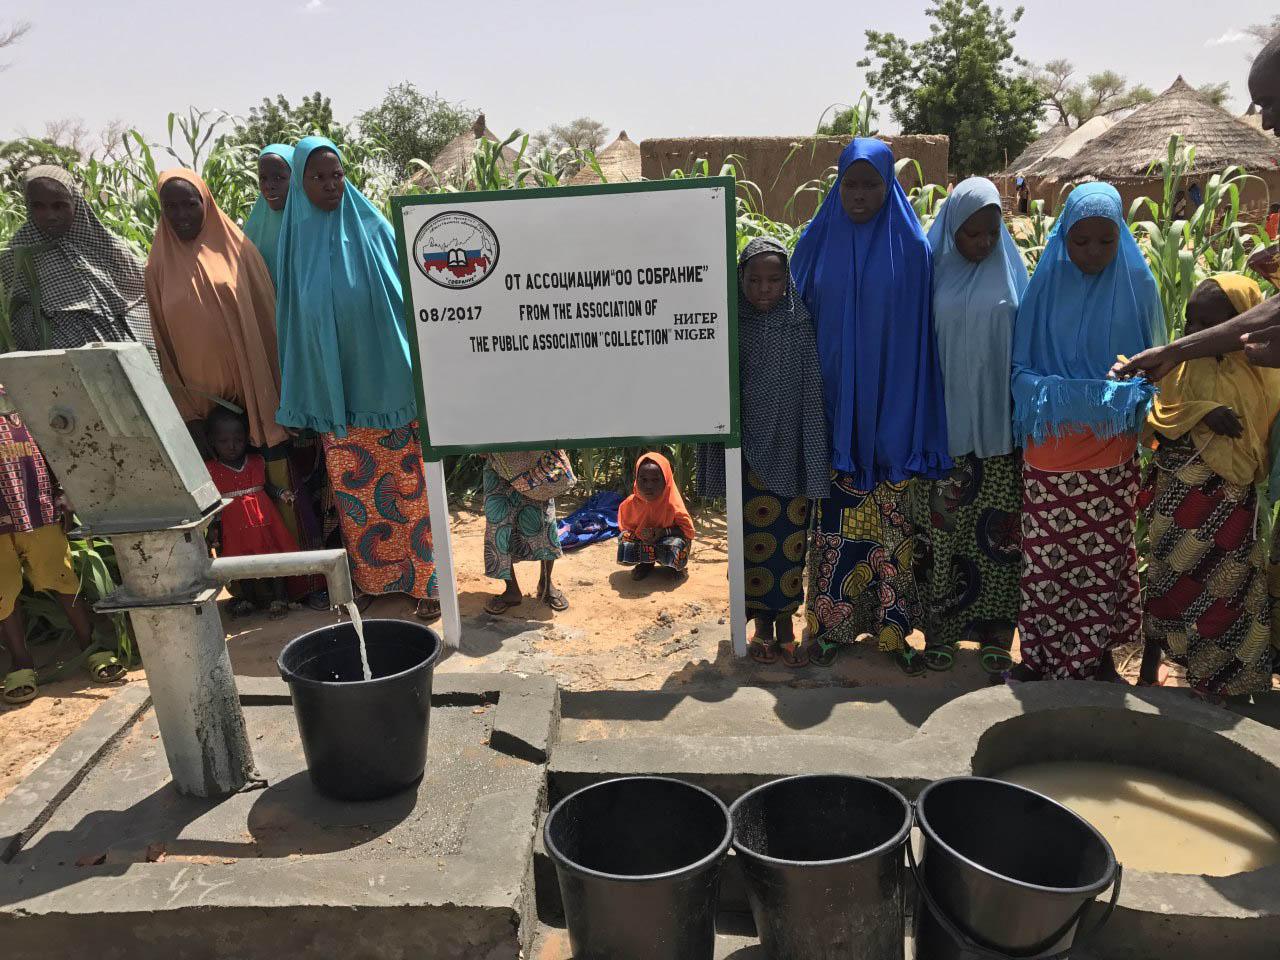 Нигерцы вознесли мольбы (дуа) Всевышнему за благотворителей